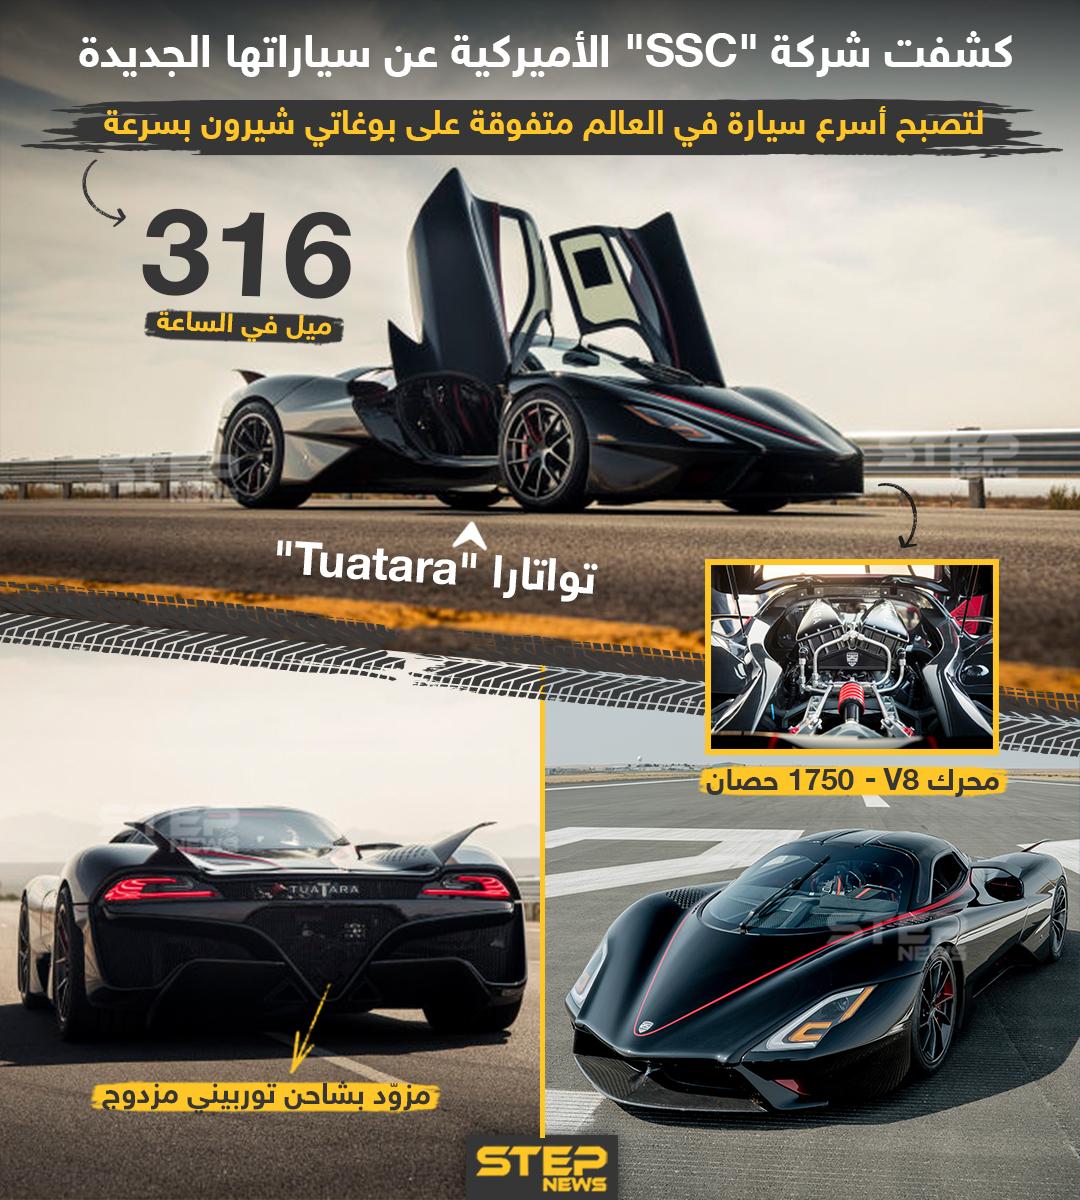 الكشف عن أسرع سيارة في العالم .. هل تعتقد انك تملك الفرصة لقيادتها ؟